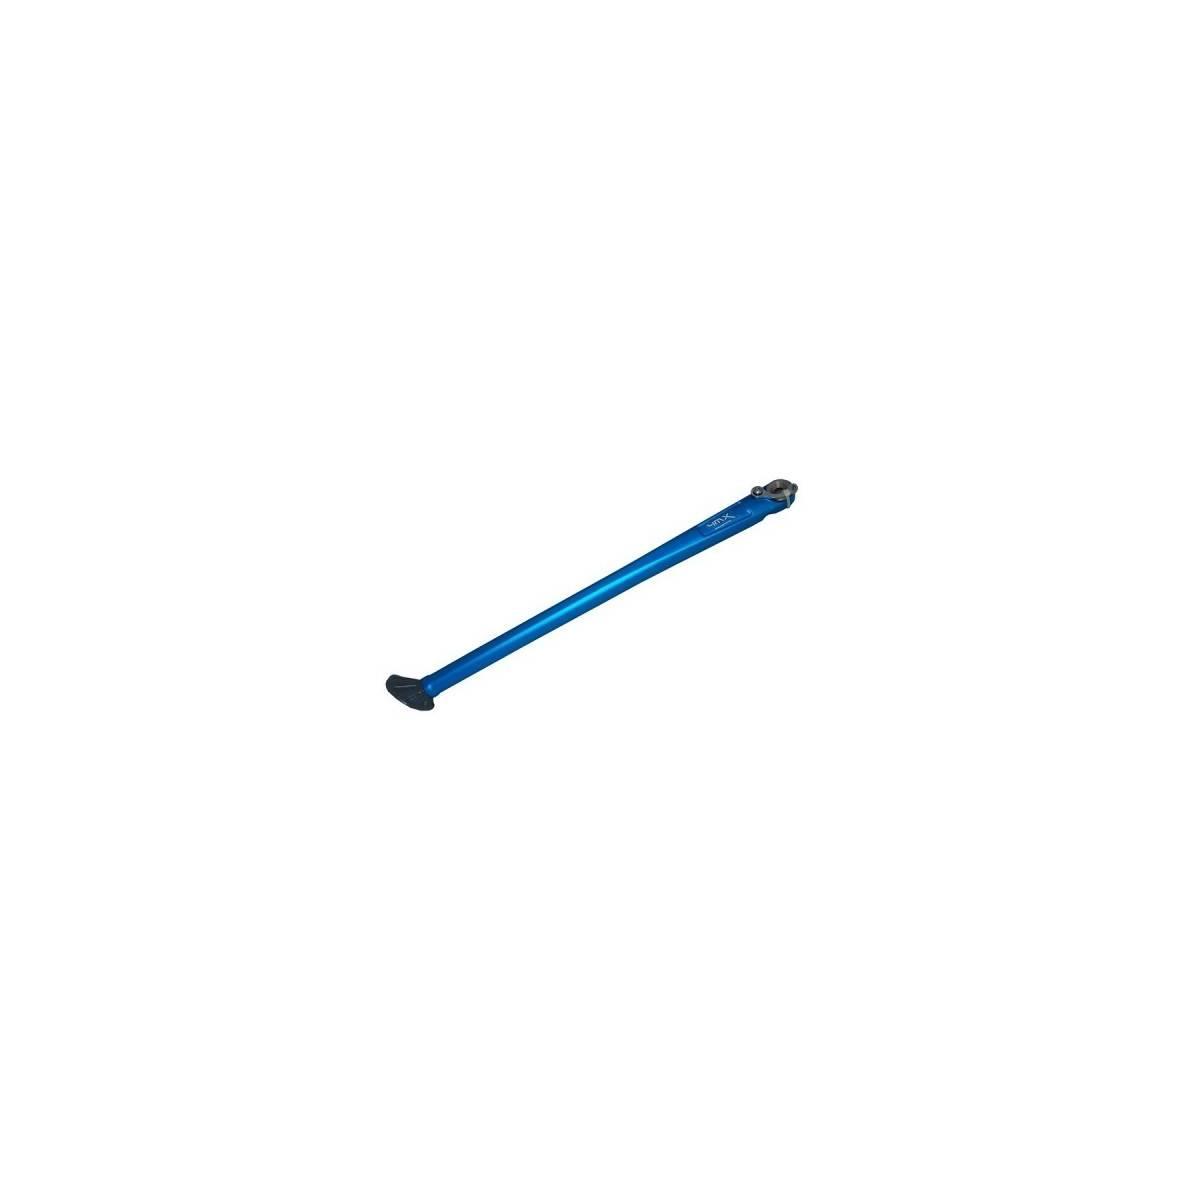 4MXKS321-AZ - Pata Cabra Lateral Ktm Husqvarna Azul